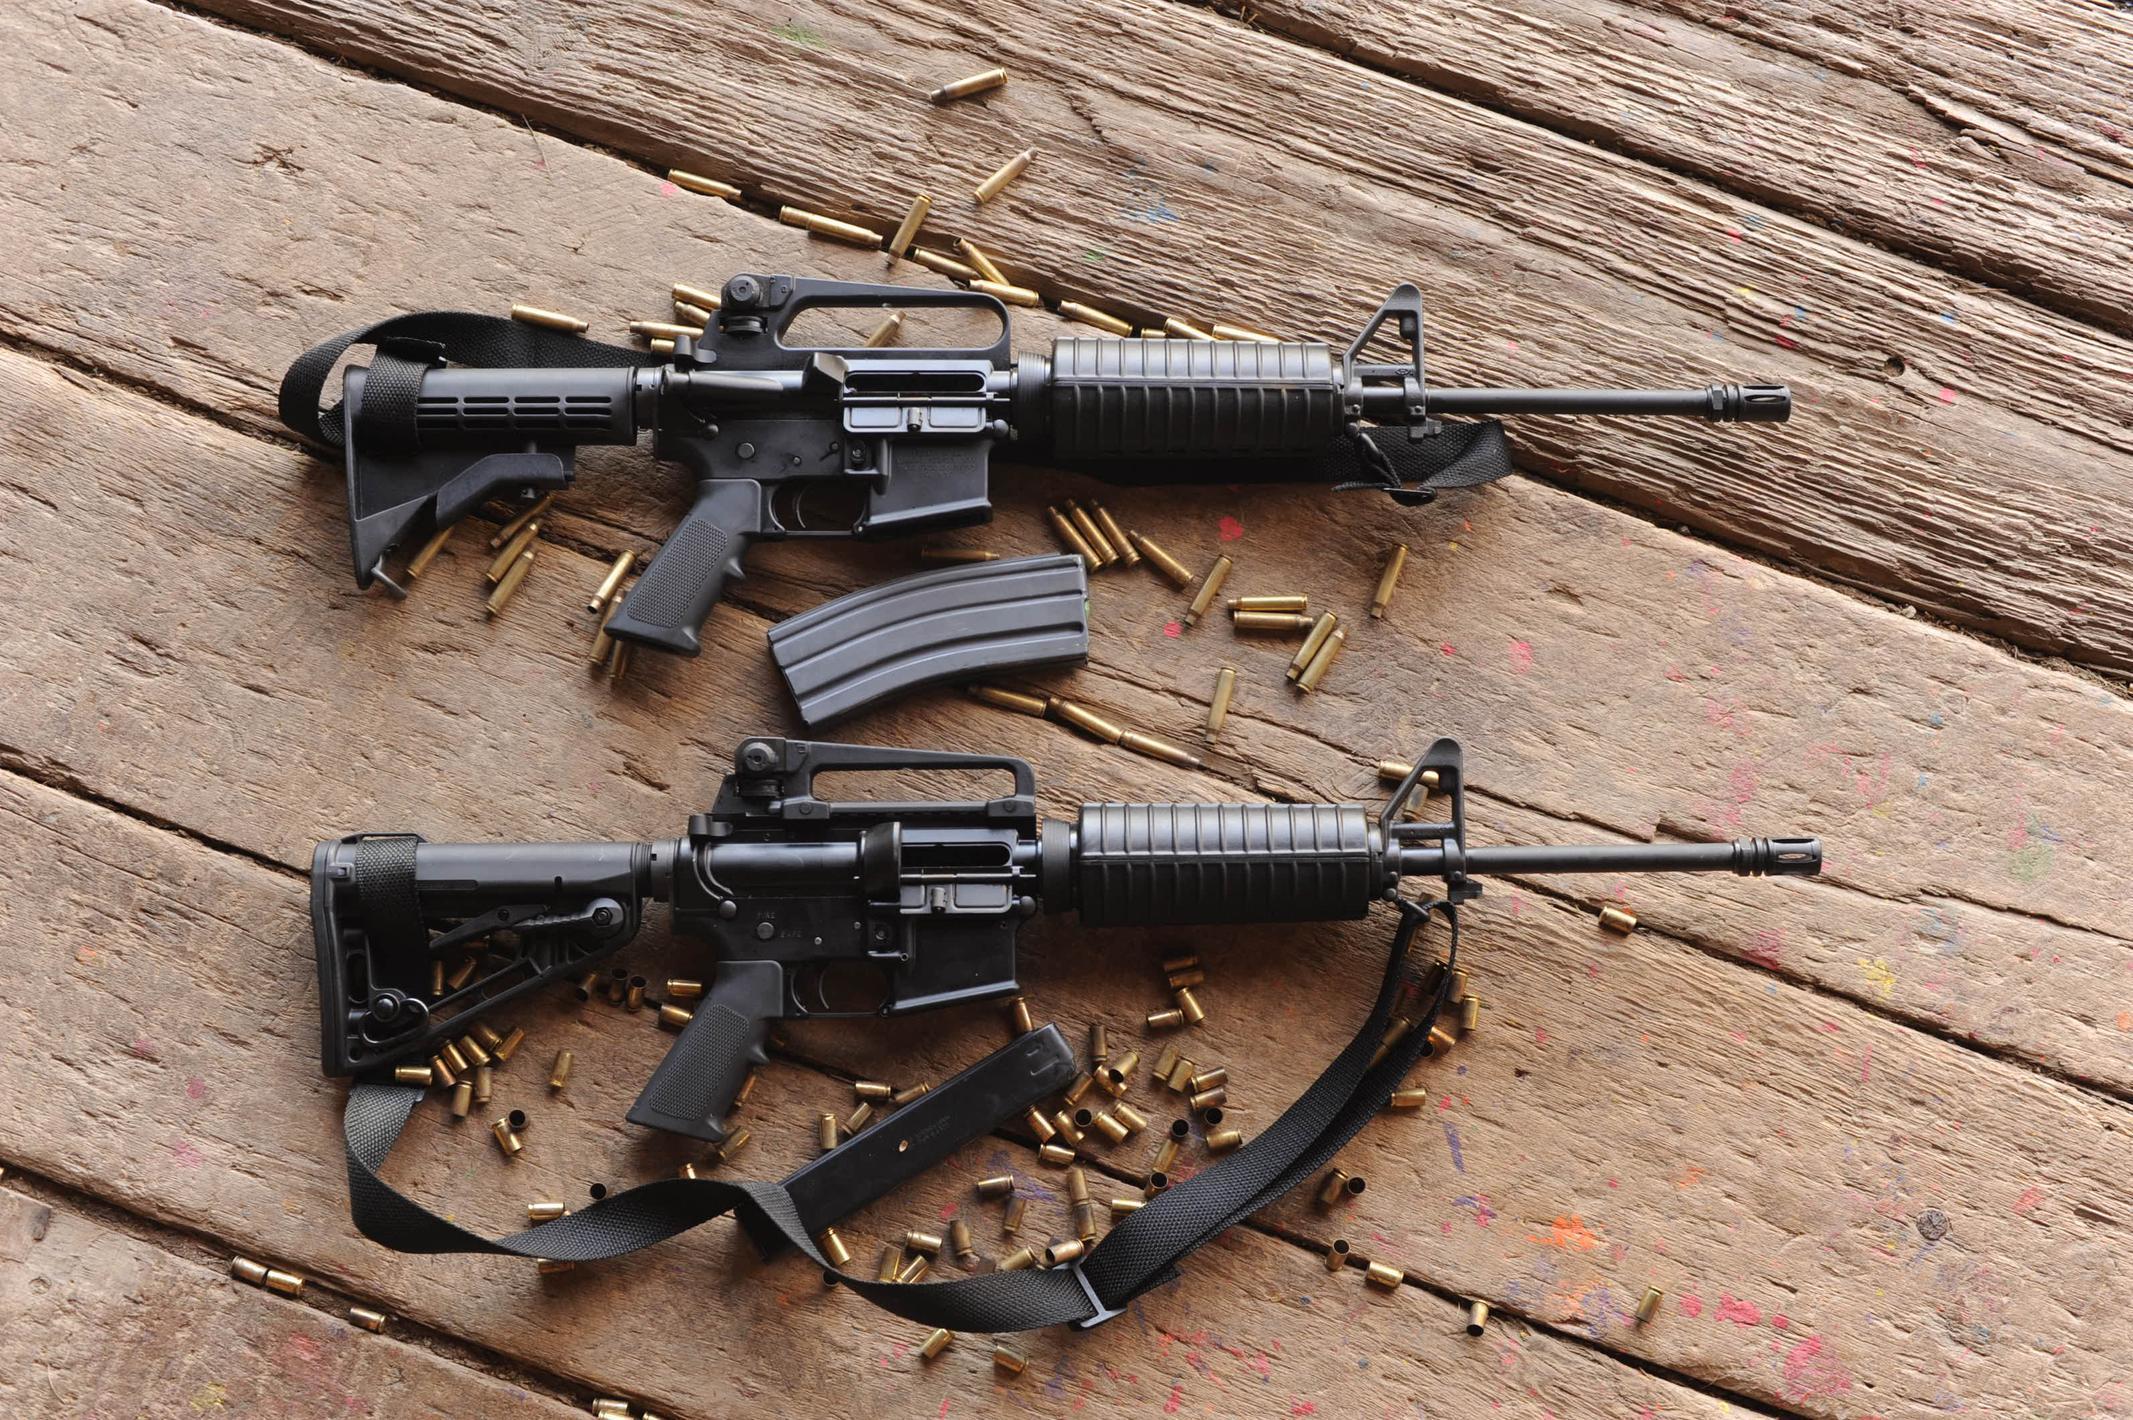 Картинка: Автоматы, M4, M4A1, патроны, гильзы, ремень, магазины, доски